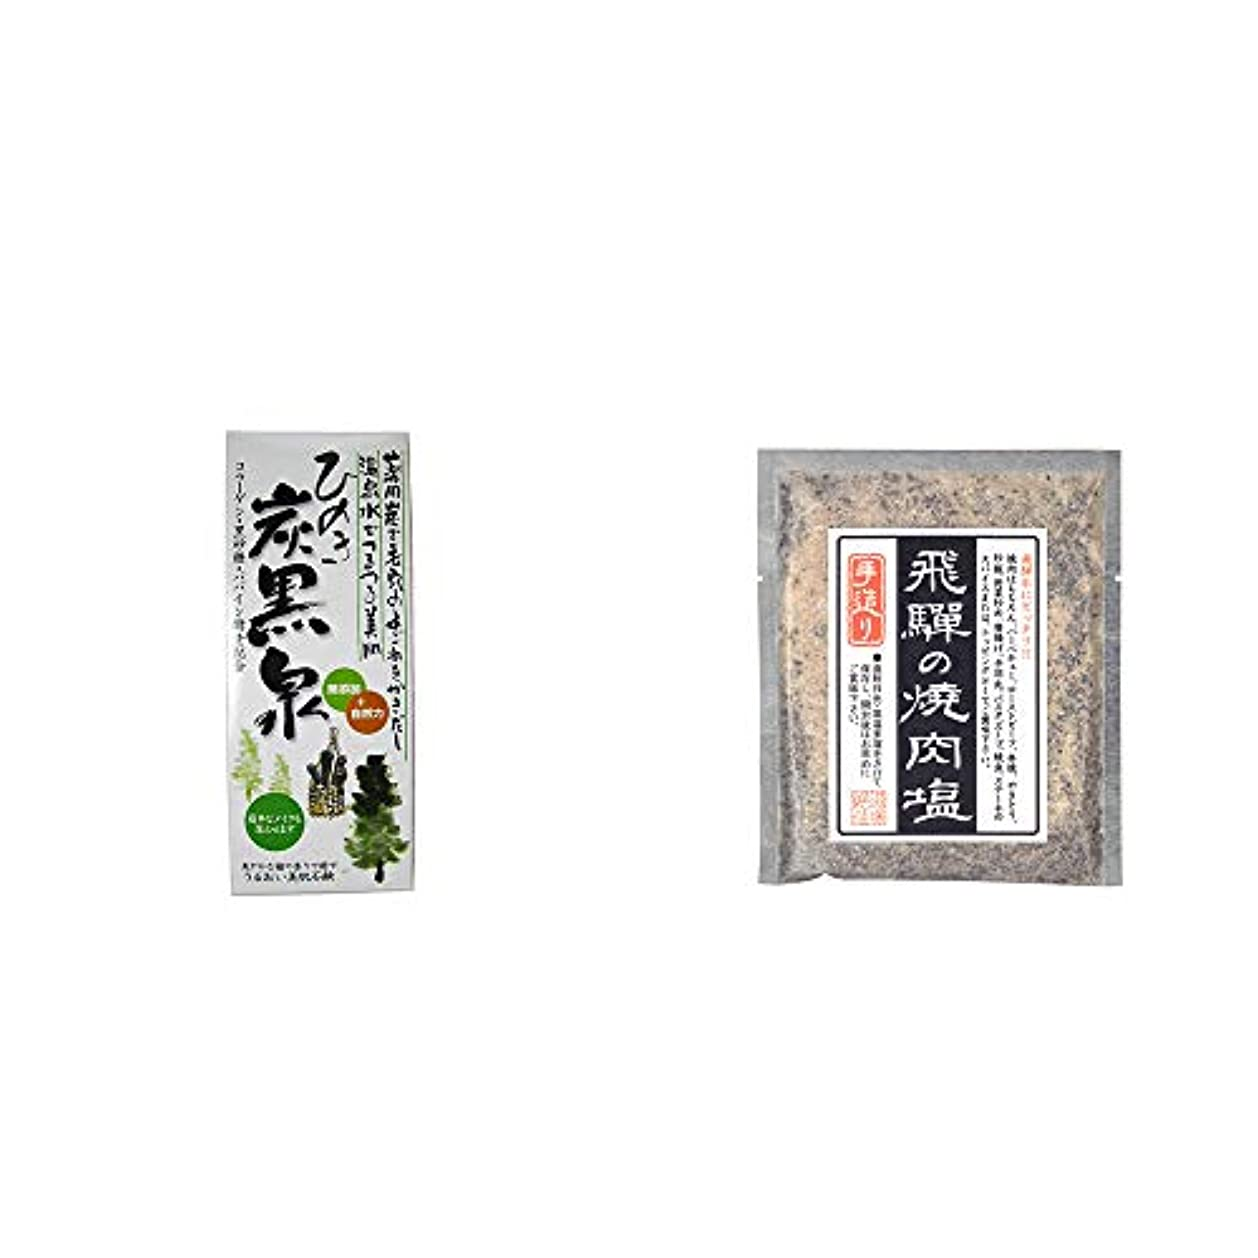 飢えた満州配送[2点セット] ひのき炭黒泉 箱入り(75g×3)?手造り 飛騨の焼肉塩(80g)